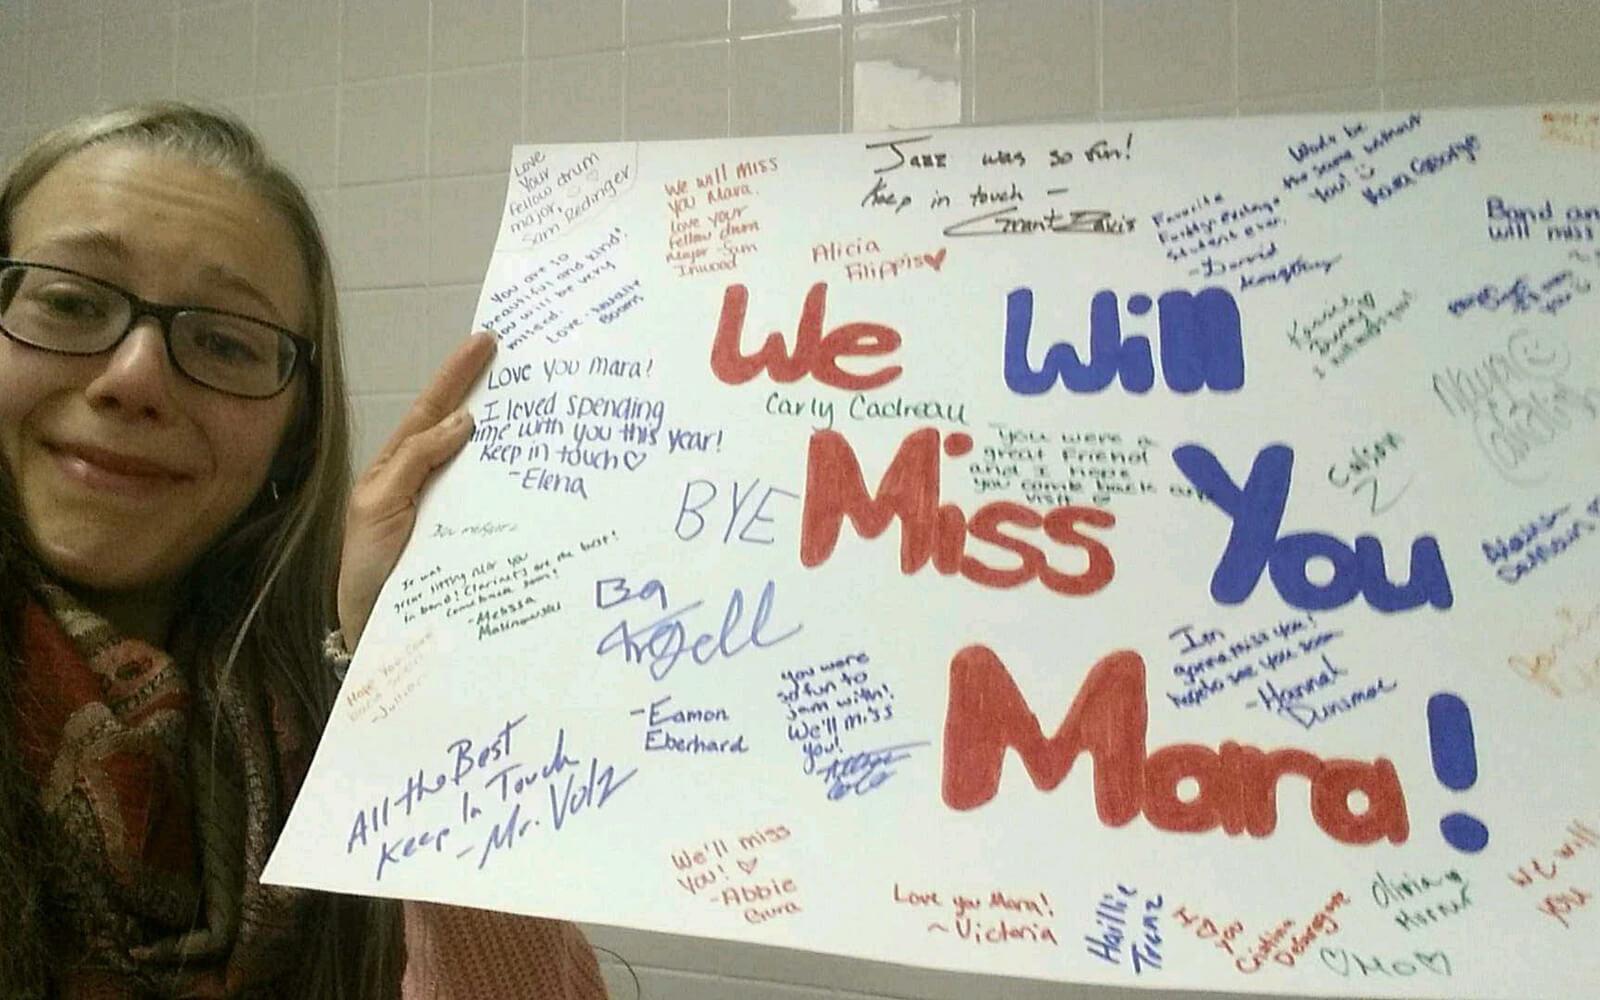 Mara zeigt ein Plakat mit »We will miss you Mara« und vielen Unterschriften und Grüßen